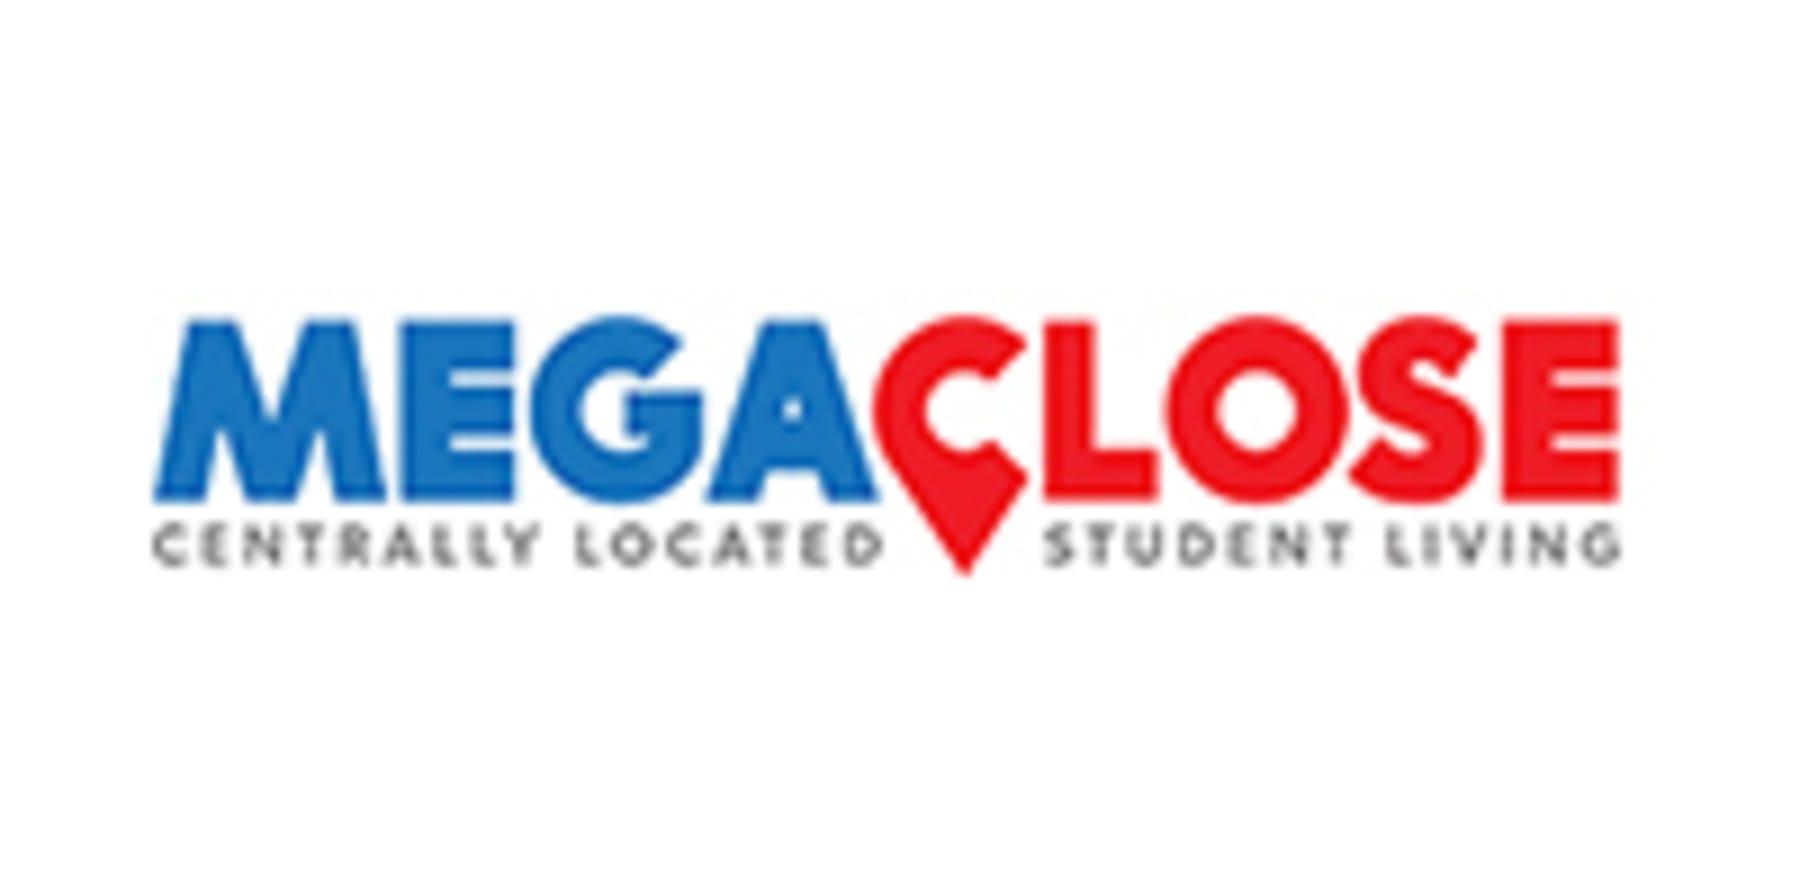 Megaclose